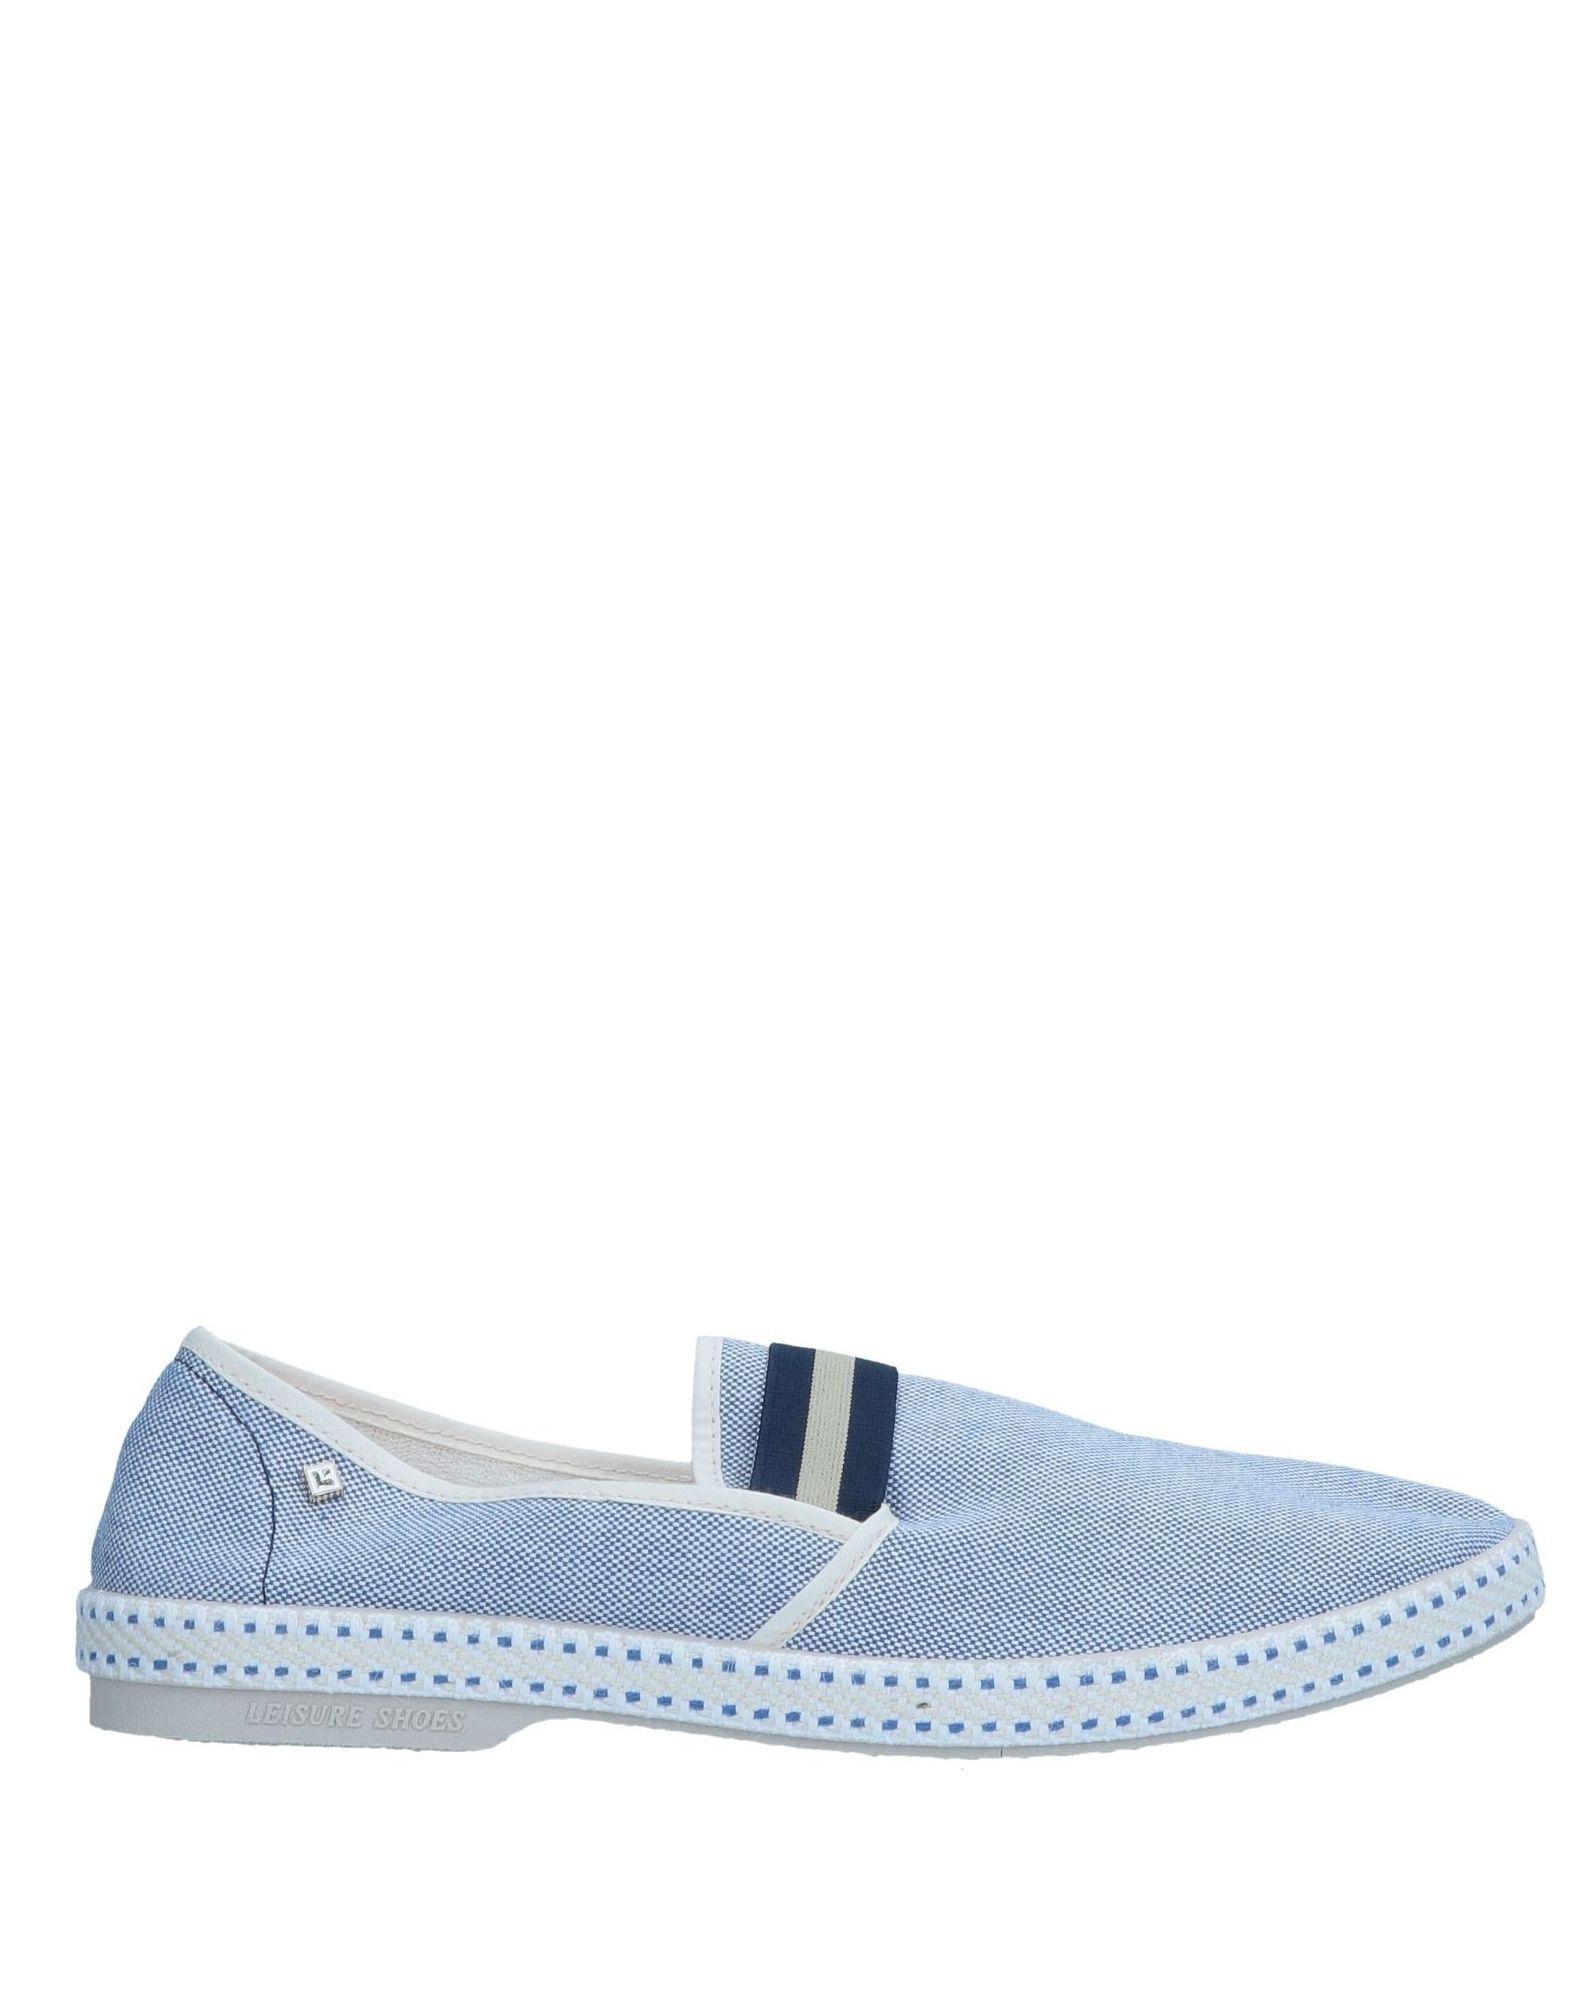 Sneakers Rivieras Uomo - 11547246MI Scarpe economiche e buone